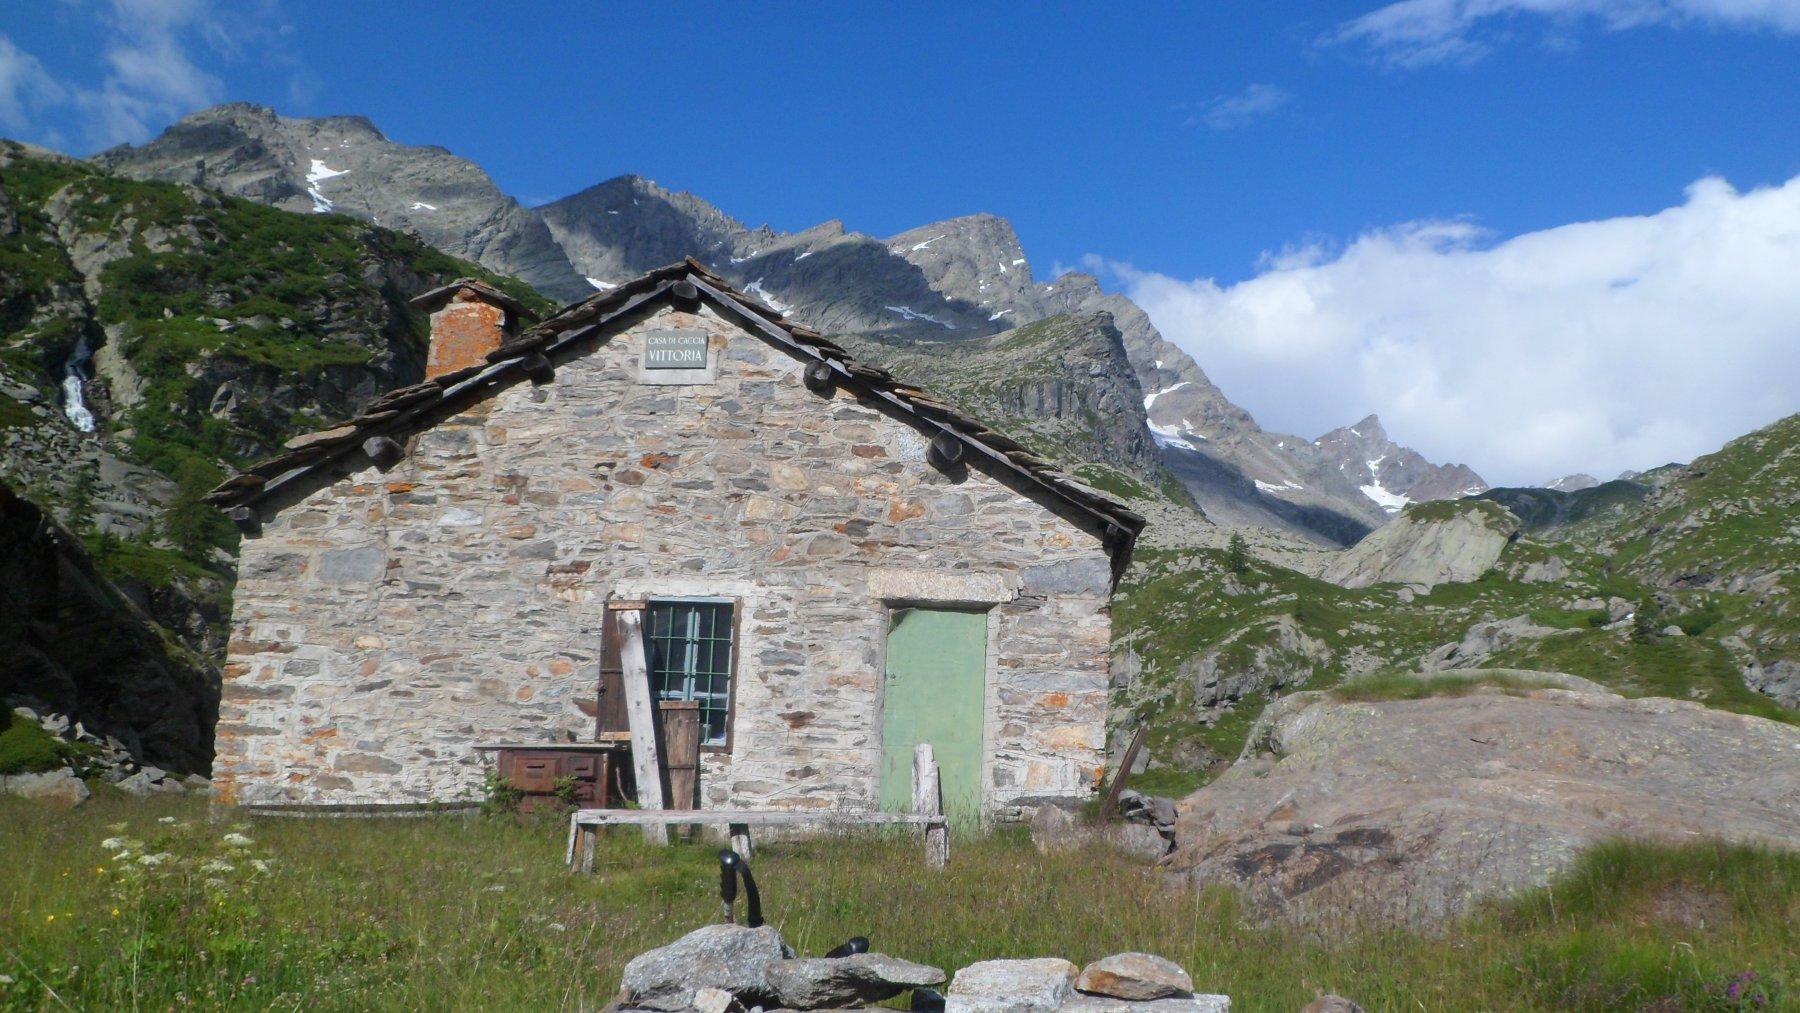 Casa di caccia Vittoria